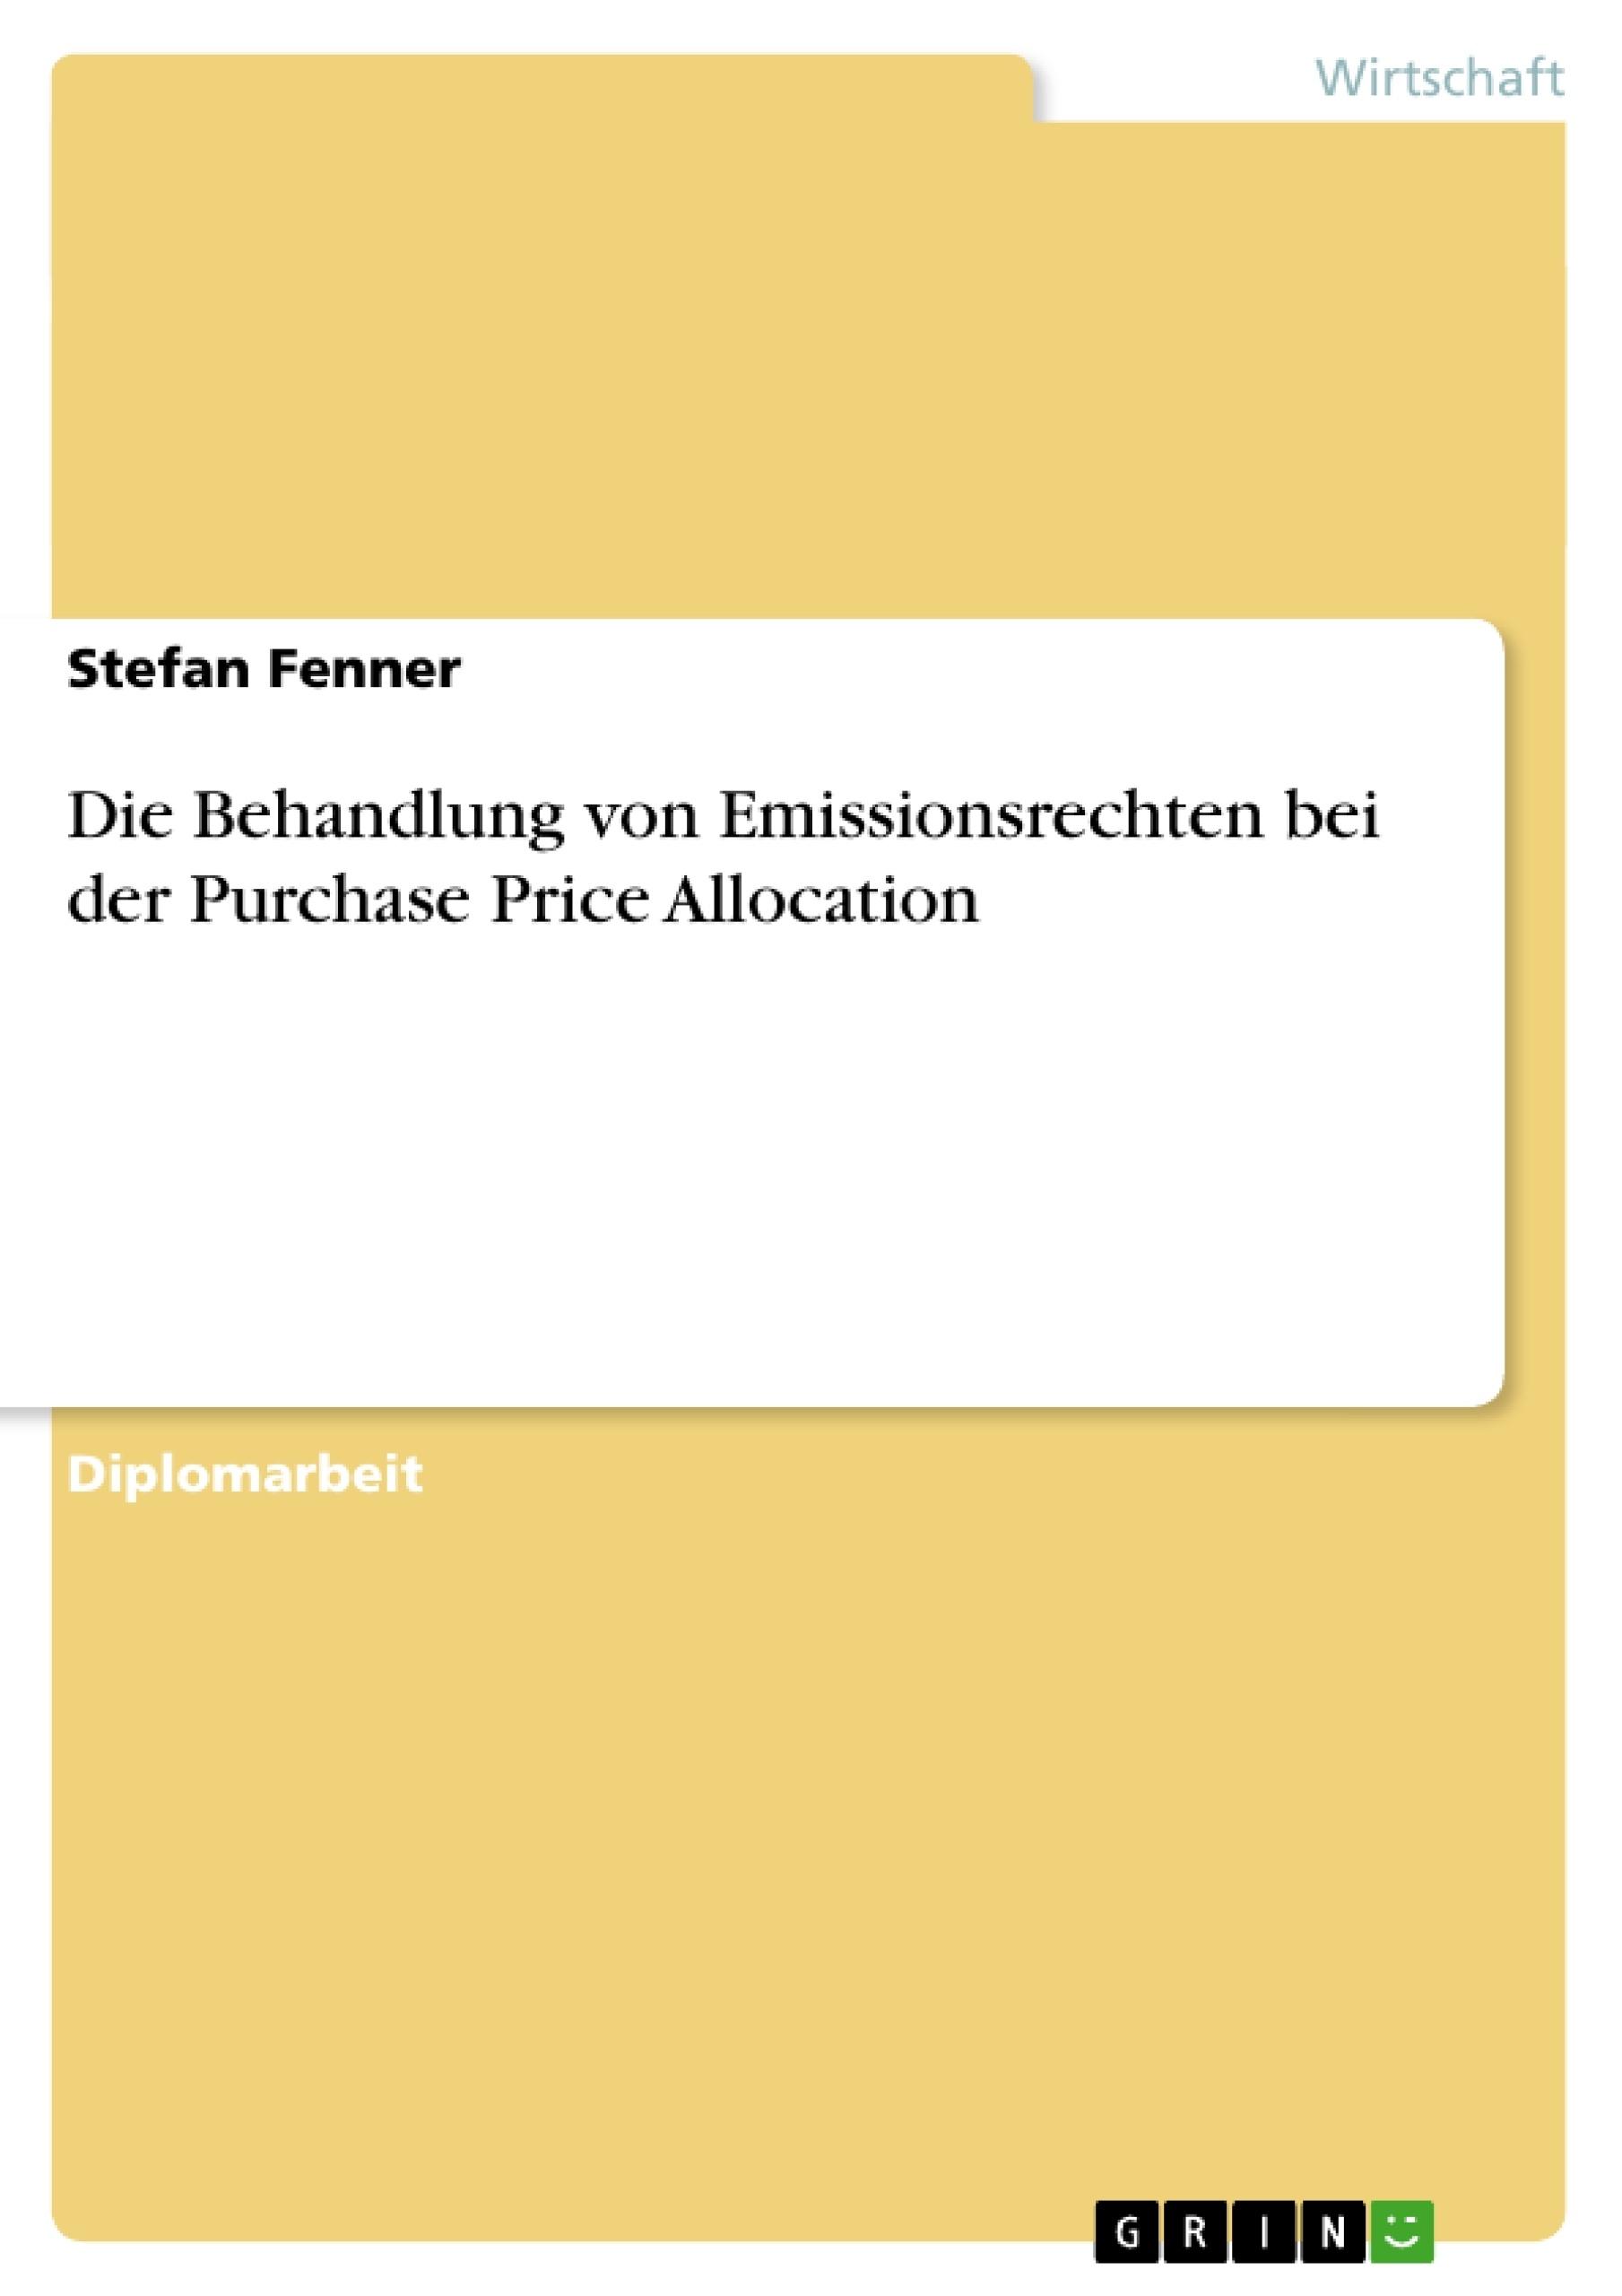 Titel: Die Behandlung von Emissionsrechten bei der Purchase Price Allocation